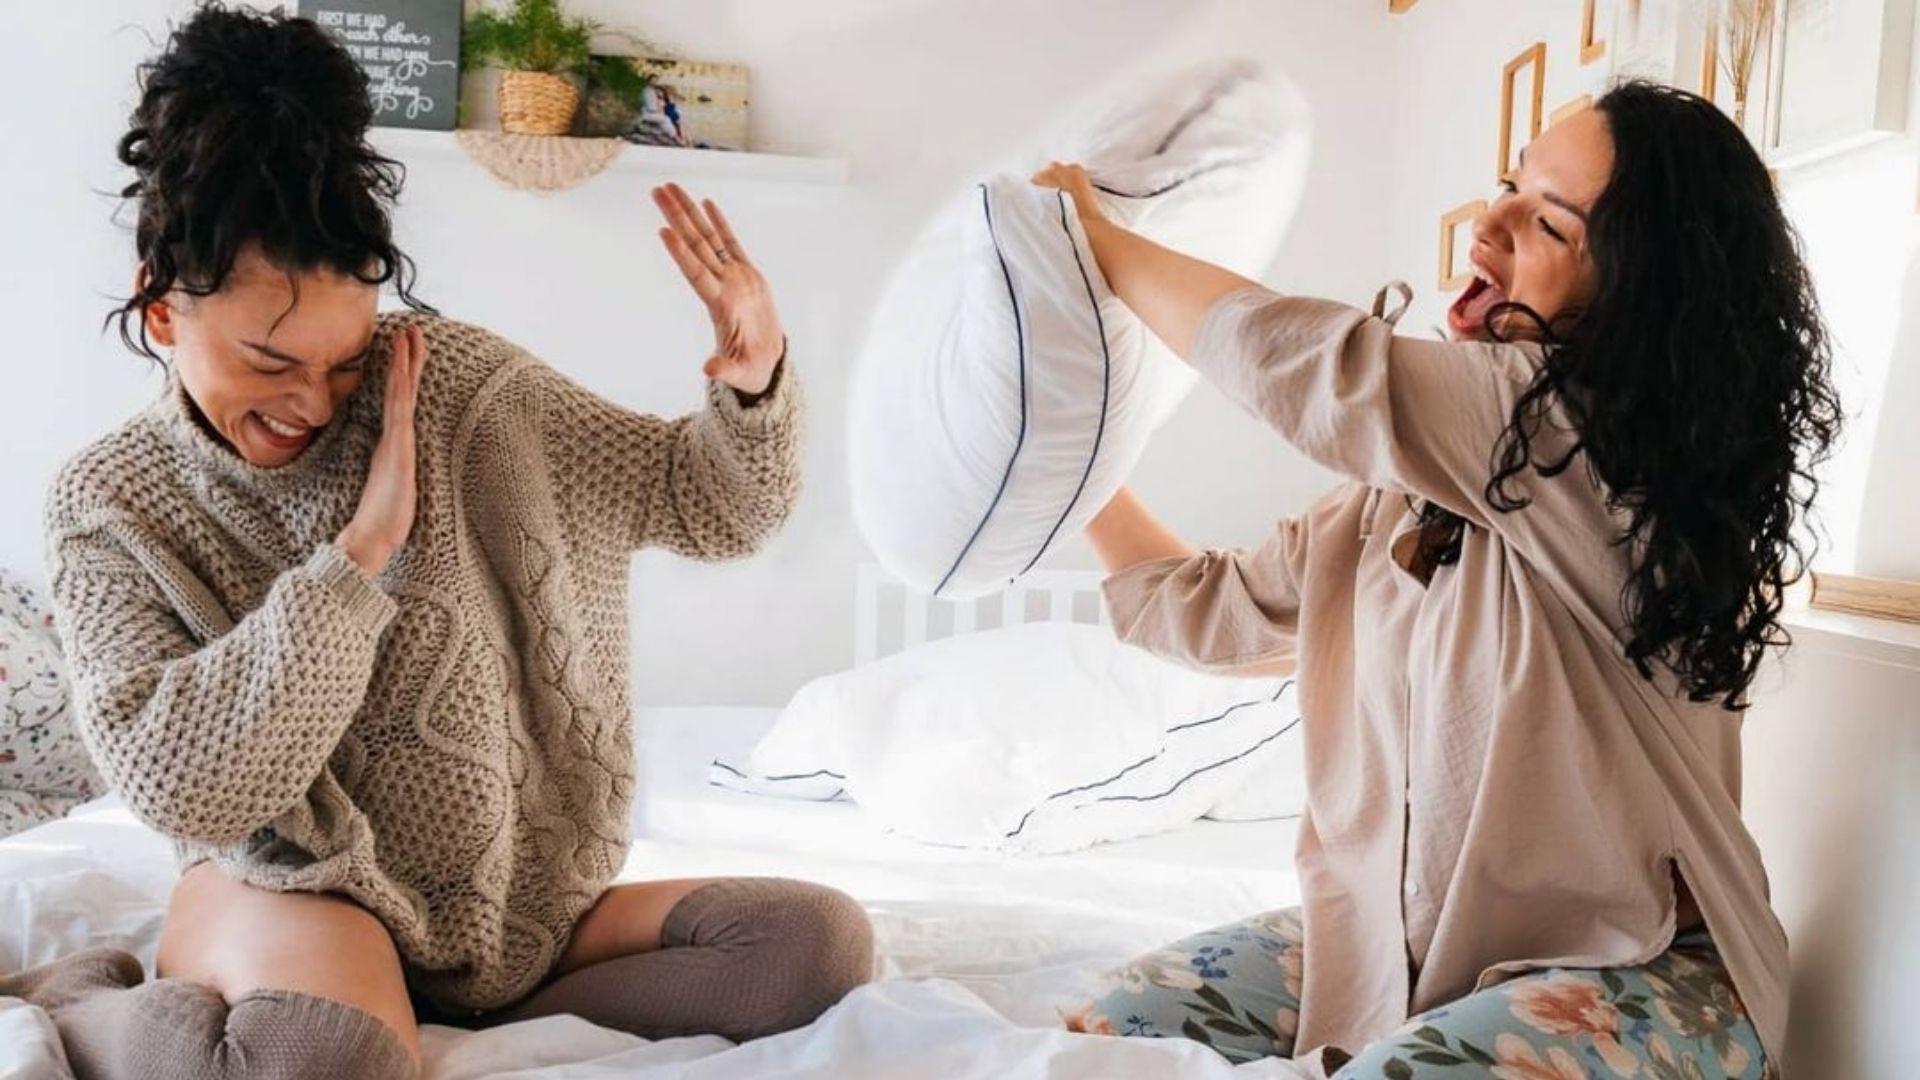 women_pillow_fight